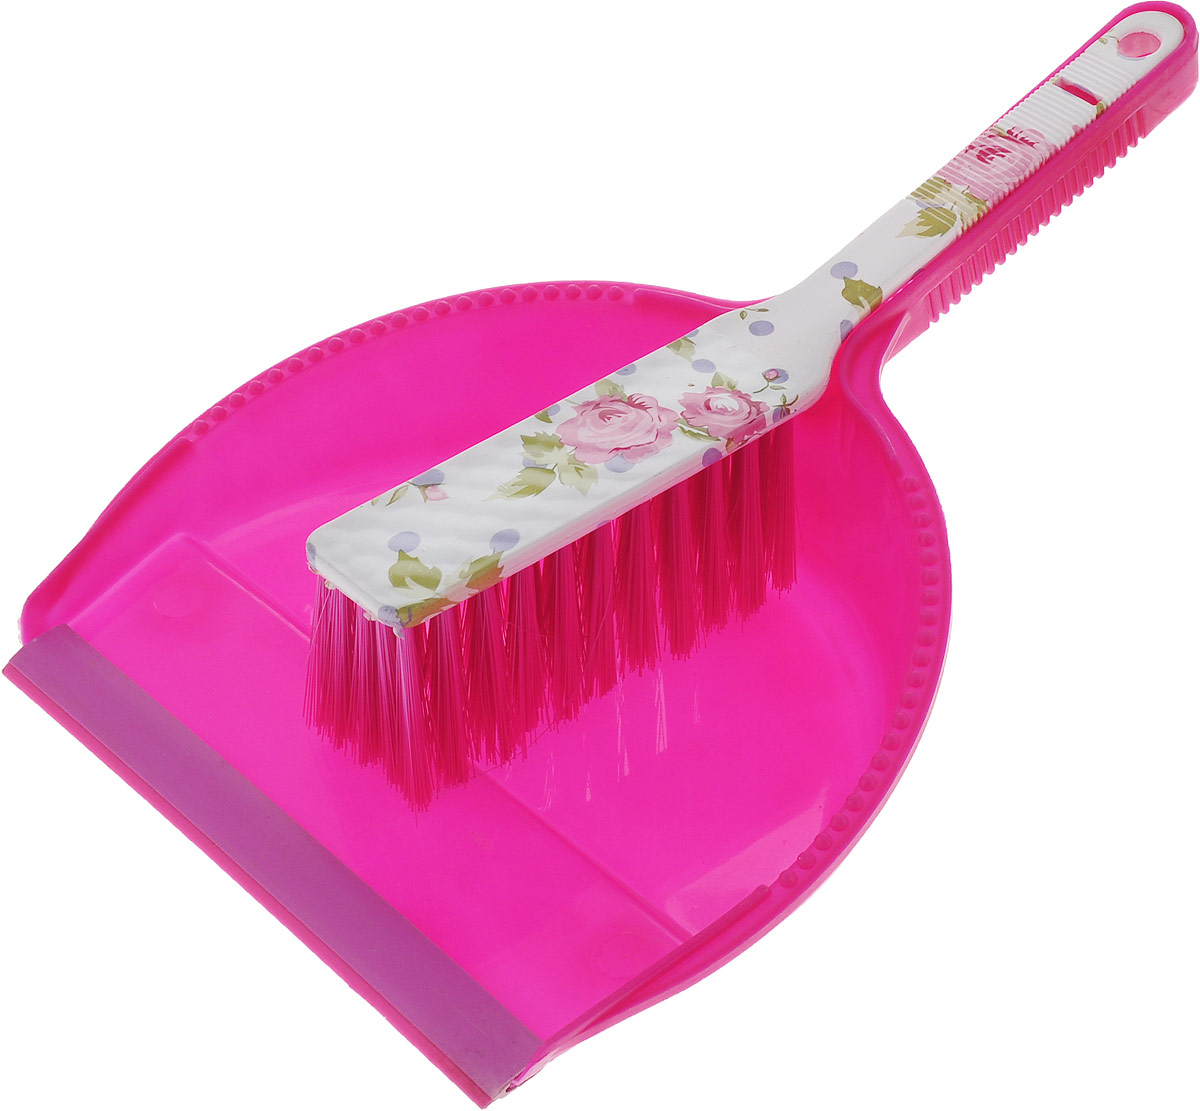 Набор для уборки МФК-профит Розы: щетка-сметка, совок, цвет: розовый мфк профит набор губка боб школа 3 предмета